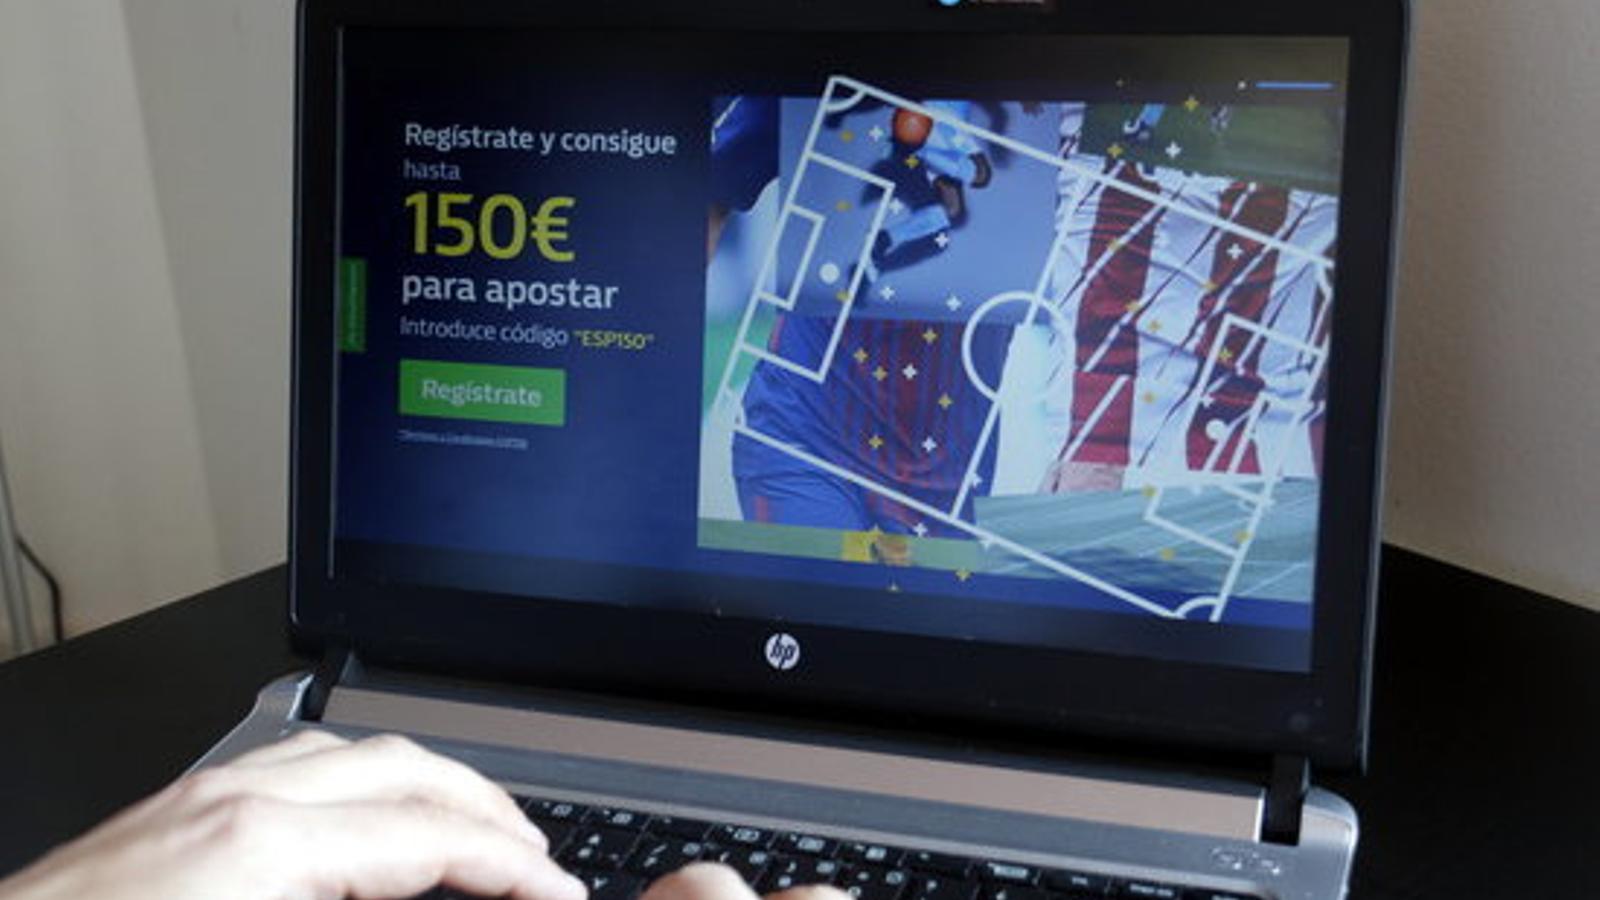 Imatge d'una web que ofereix diners per a apostes